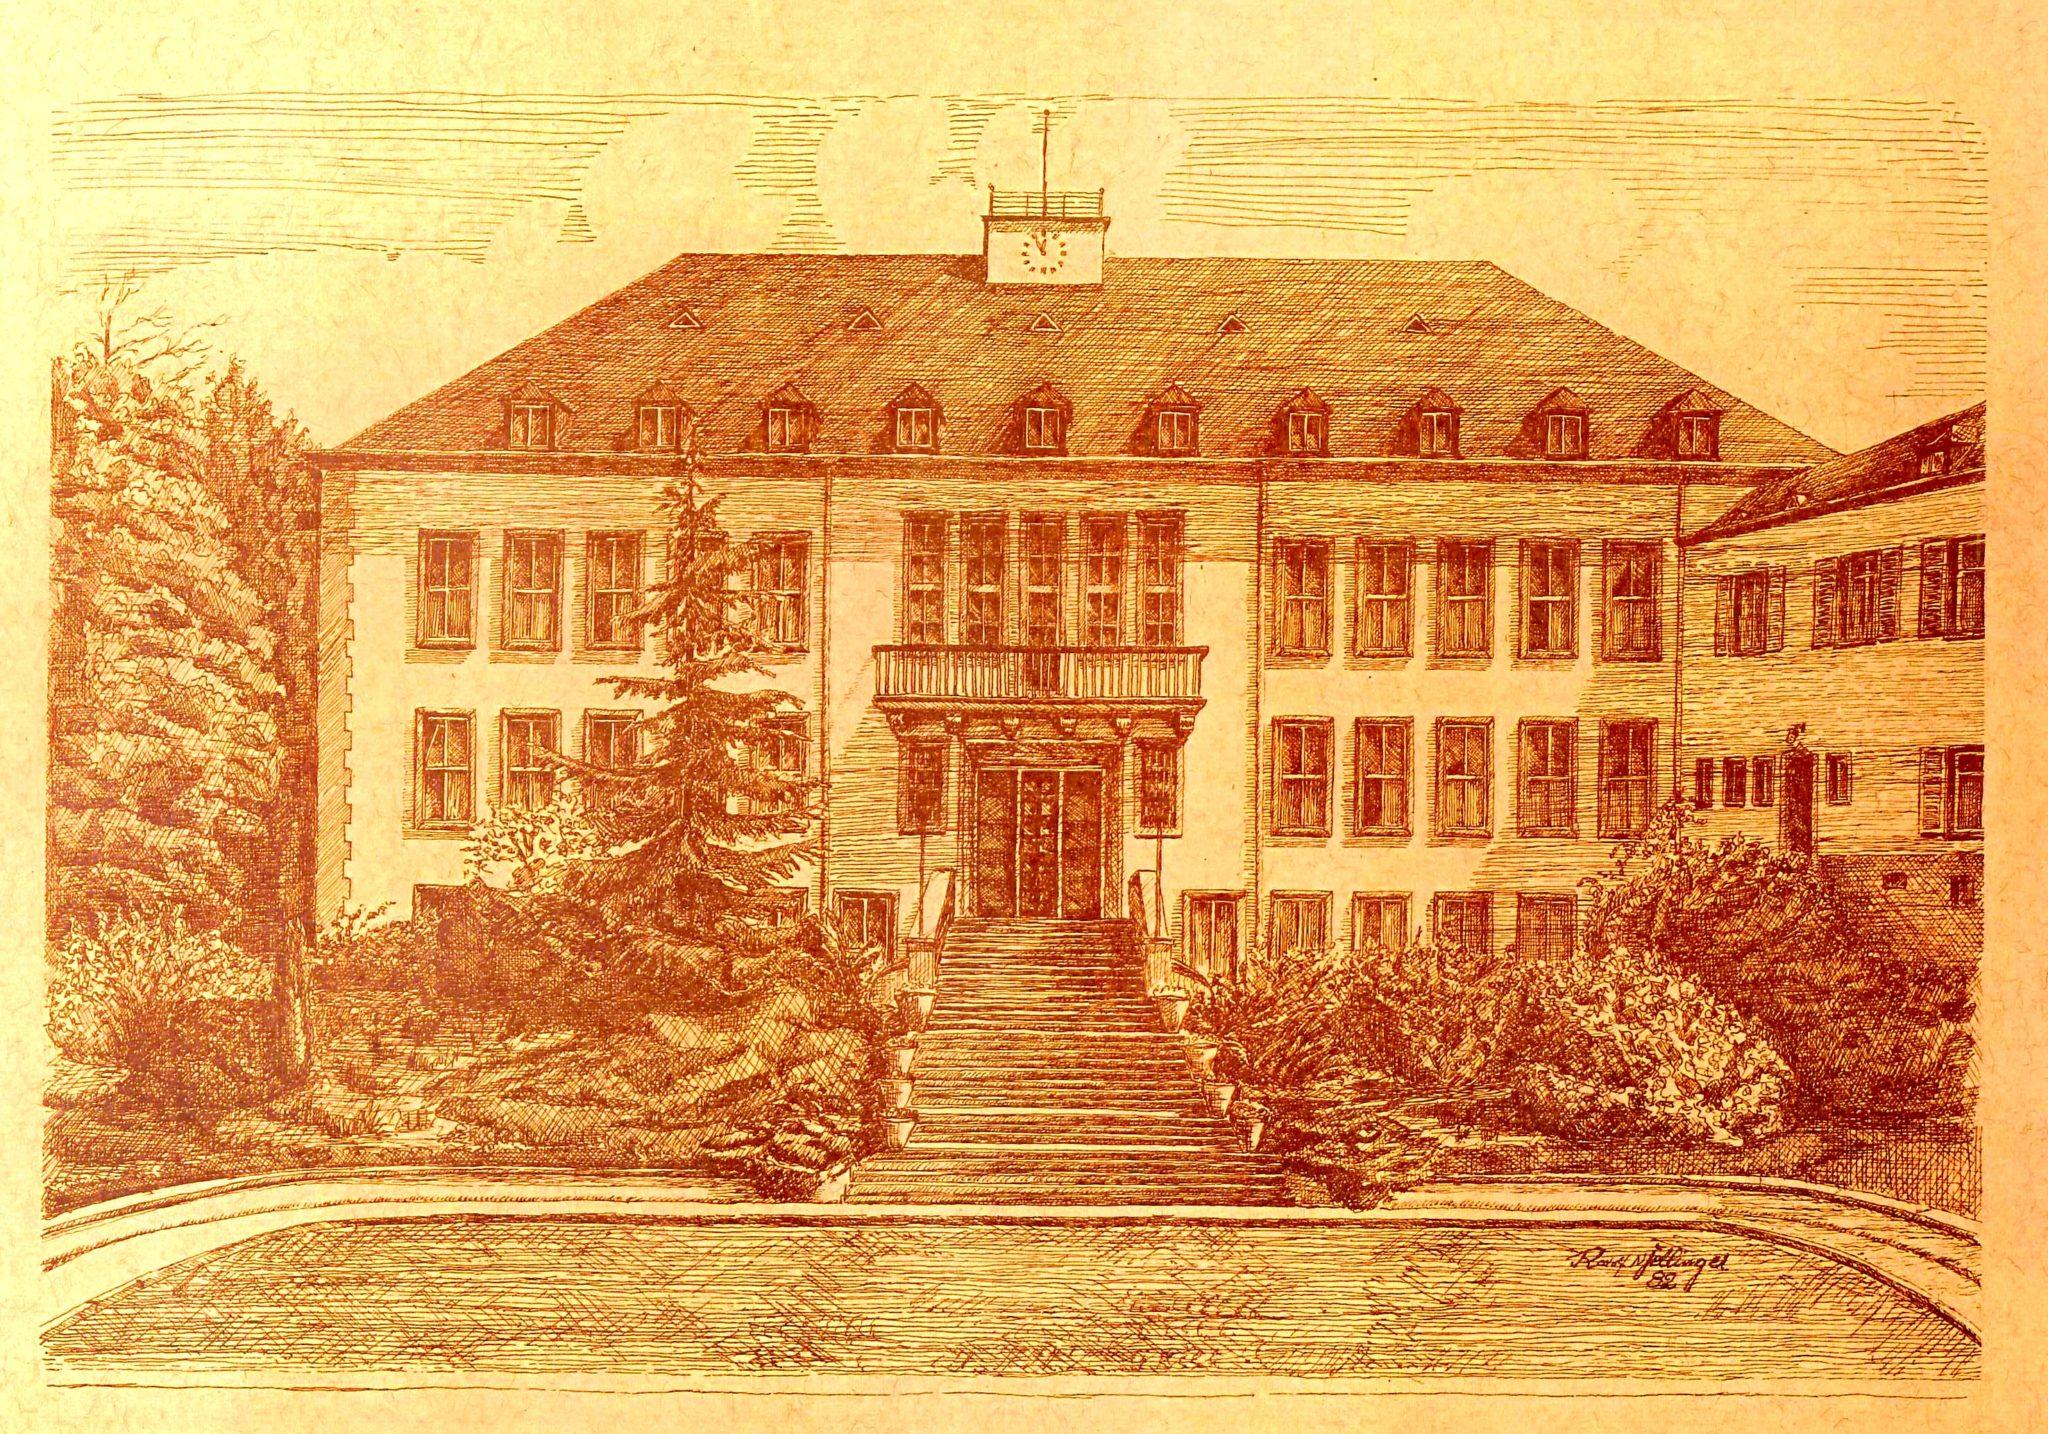 zu sehen ist die Bleistiftzeichnung des Bouser Rathauses von R. N. Fellinger